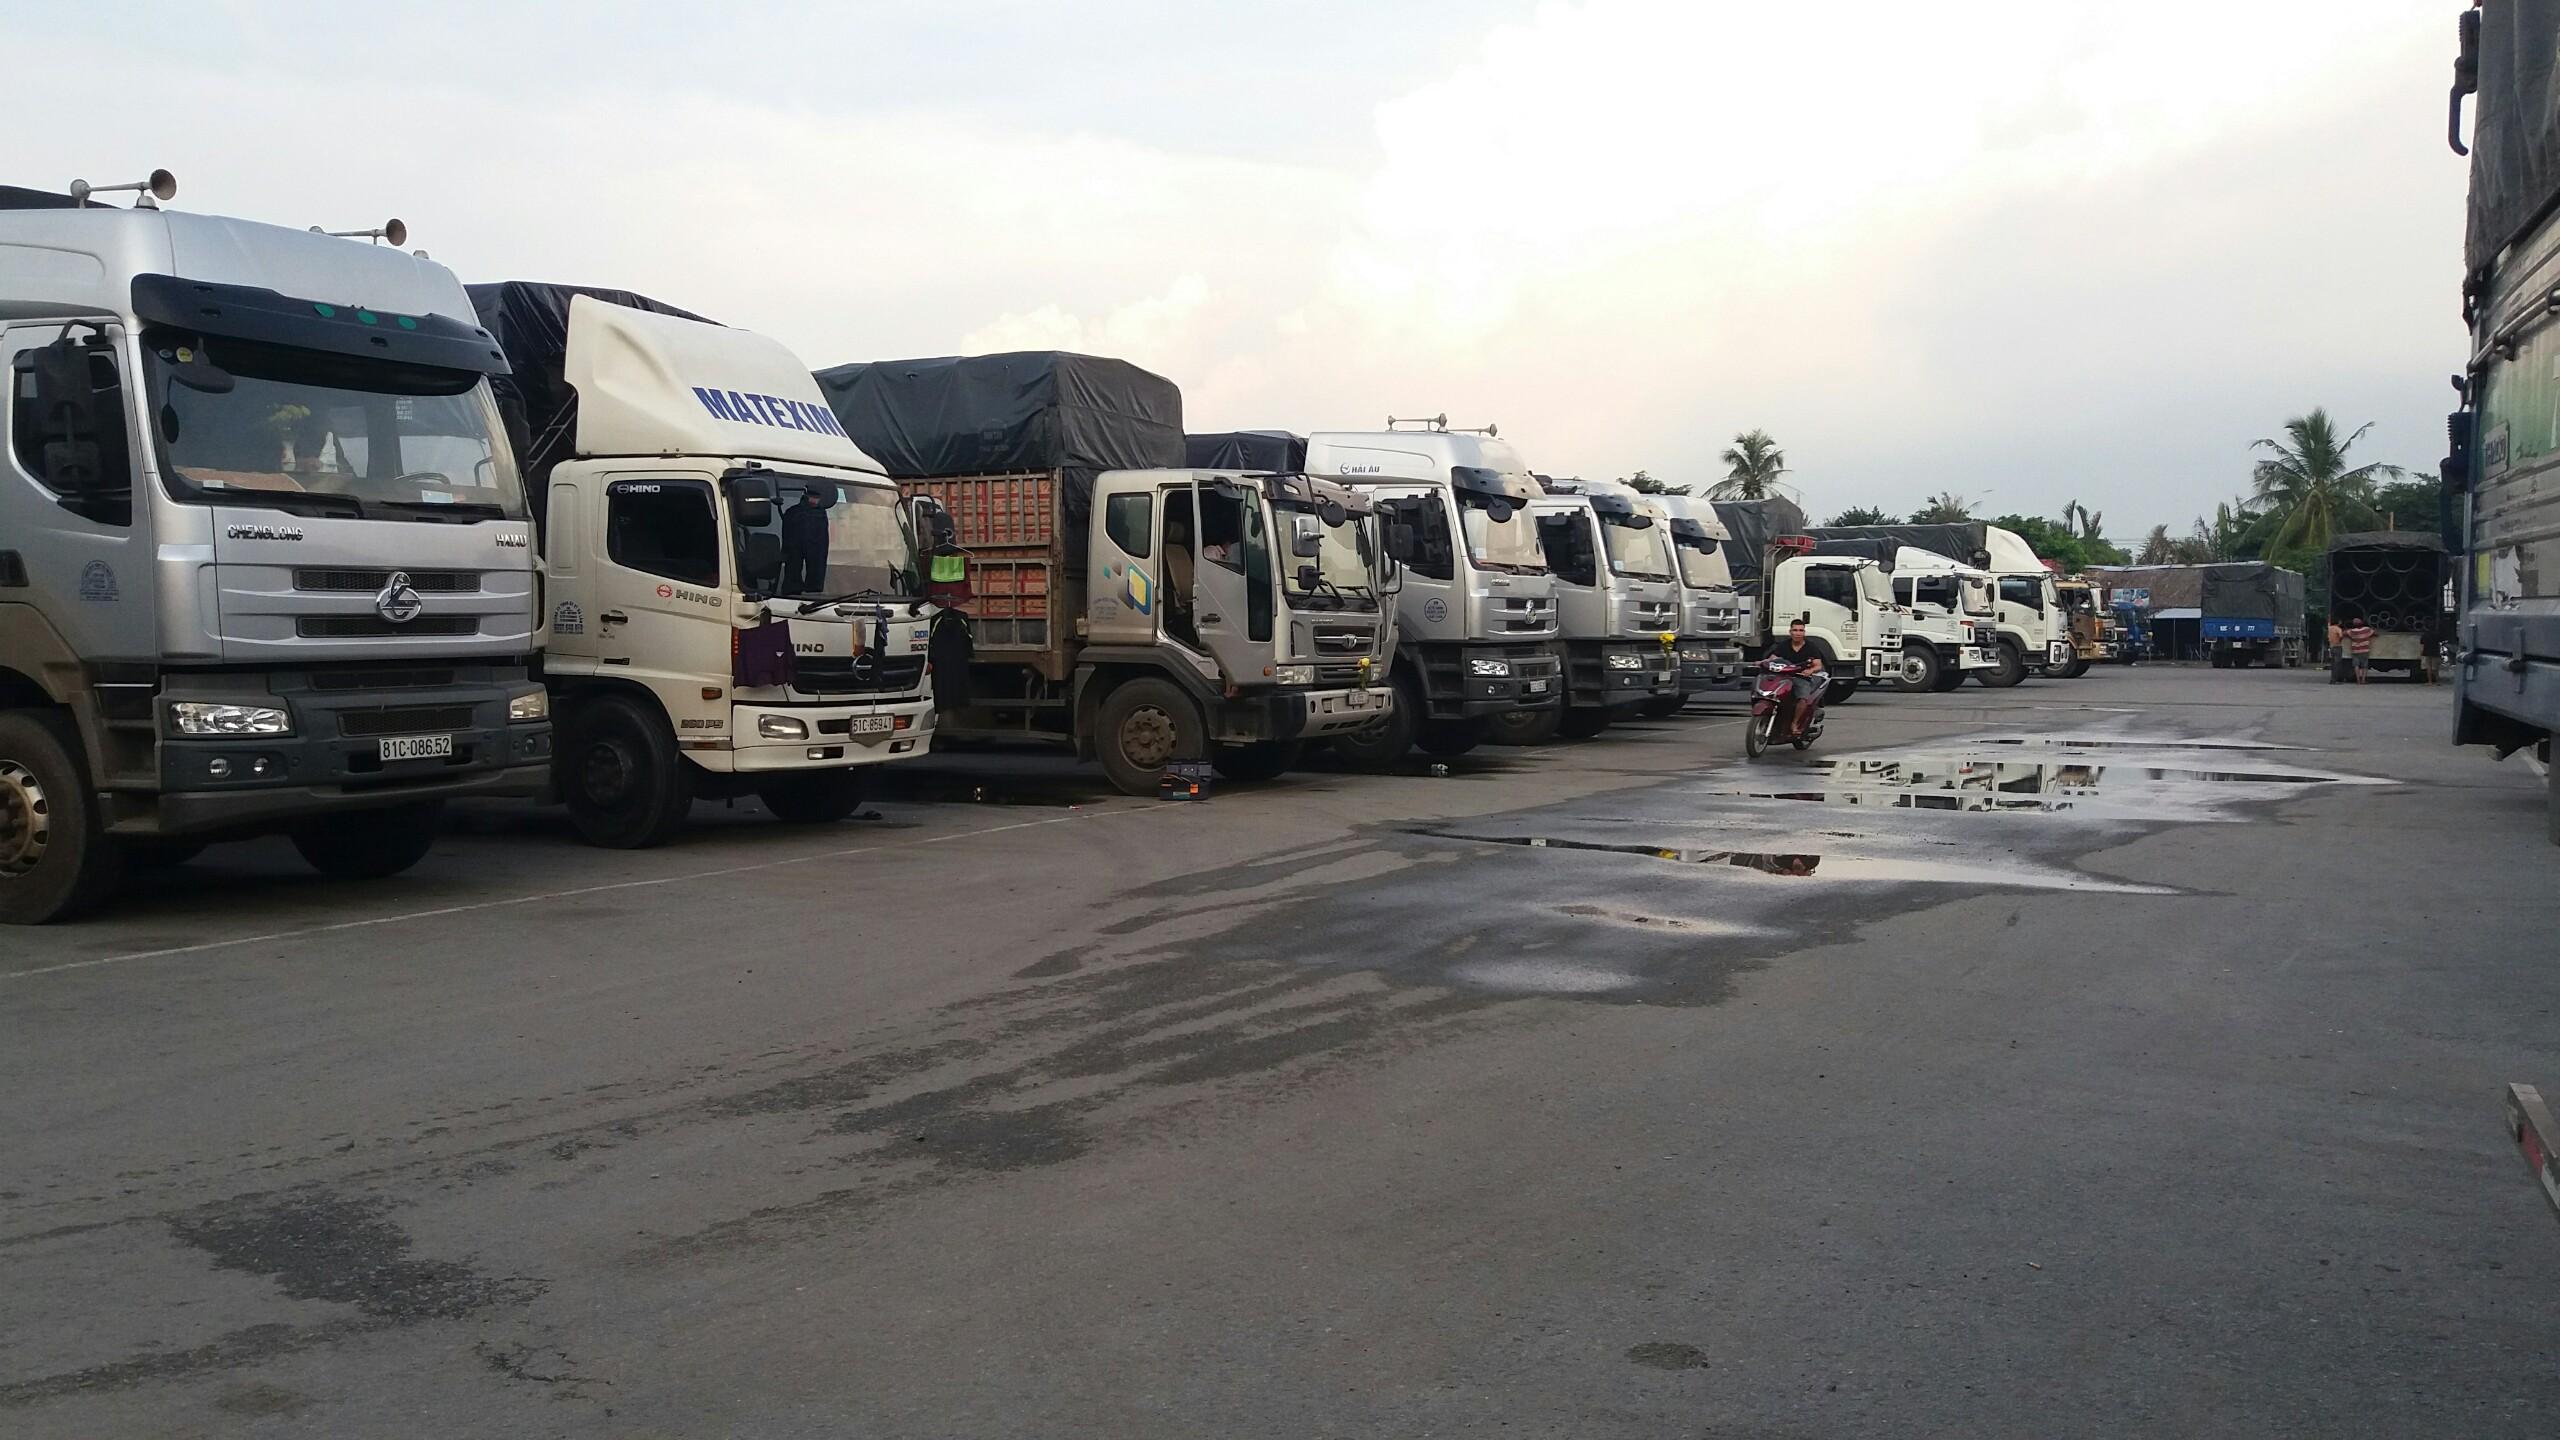 xe tải chở hàng từ hà nội đi thành phố hồ chí minh giá rẻ